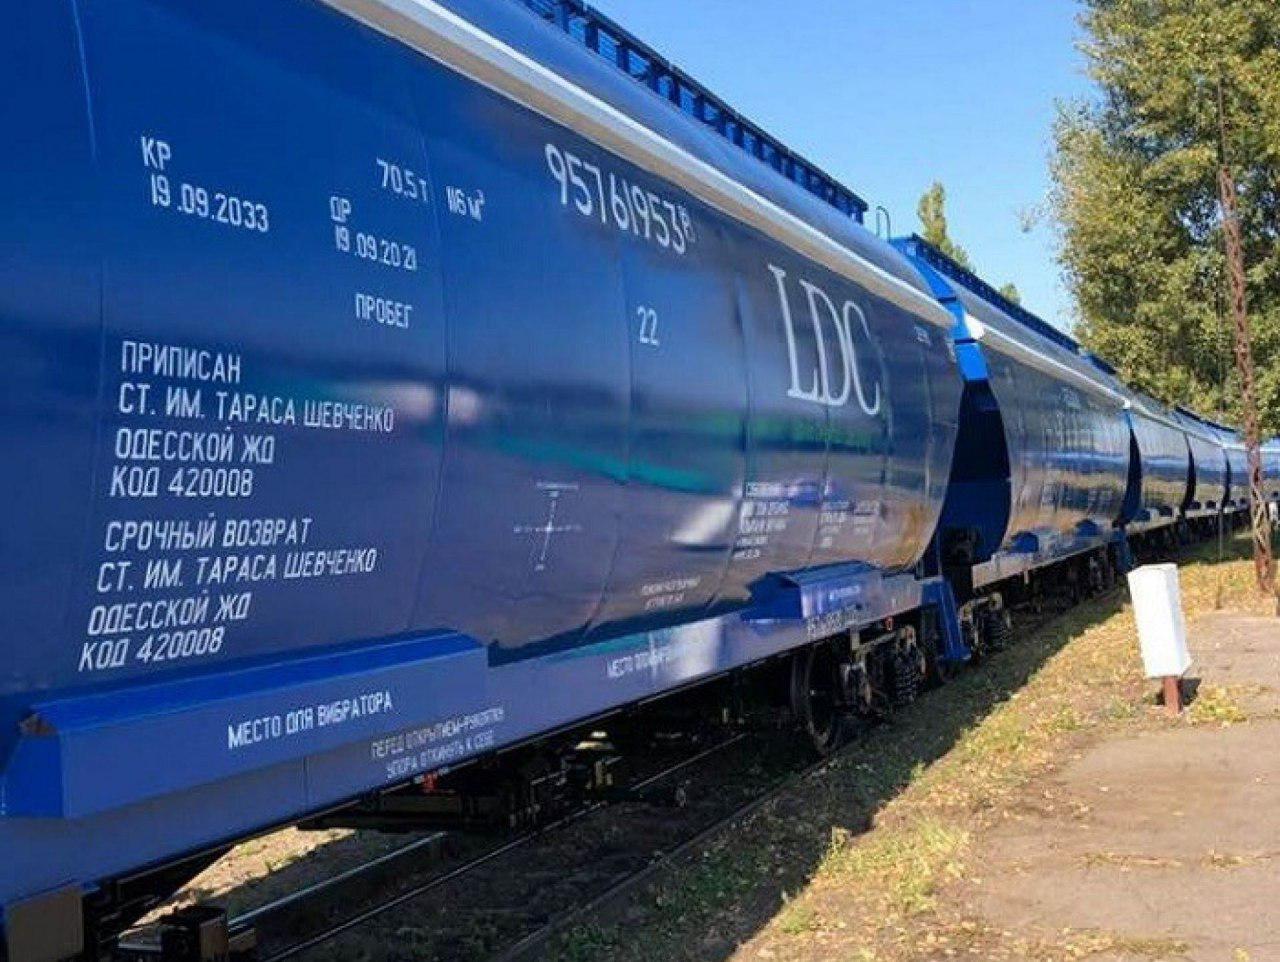 Зернотрейдер Louis Dreyfus открывает железнодорожный бизнес в Украине